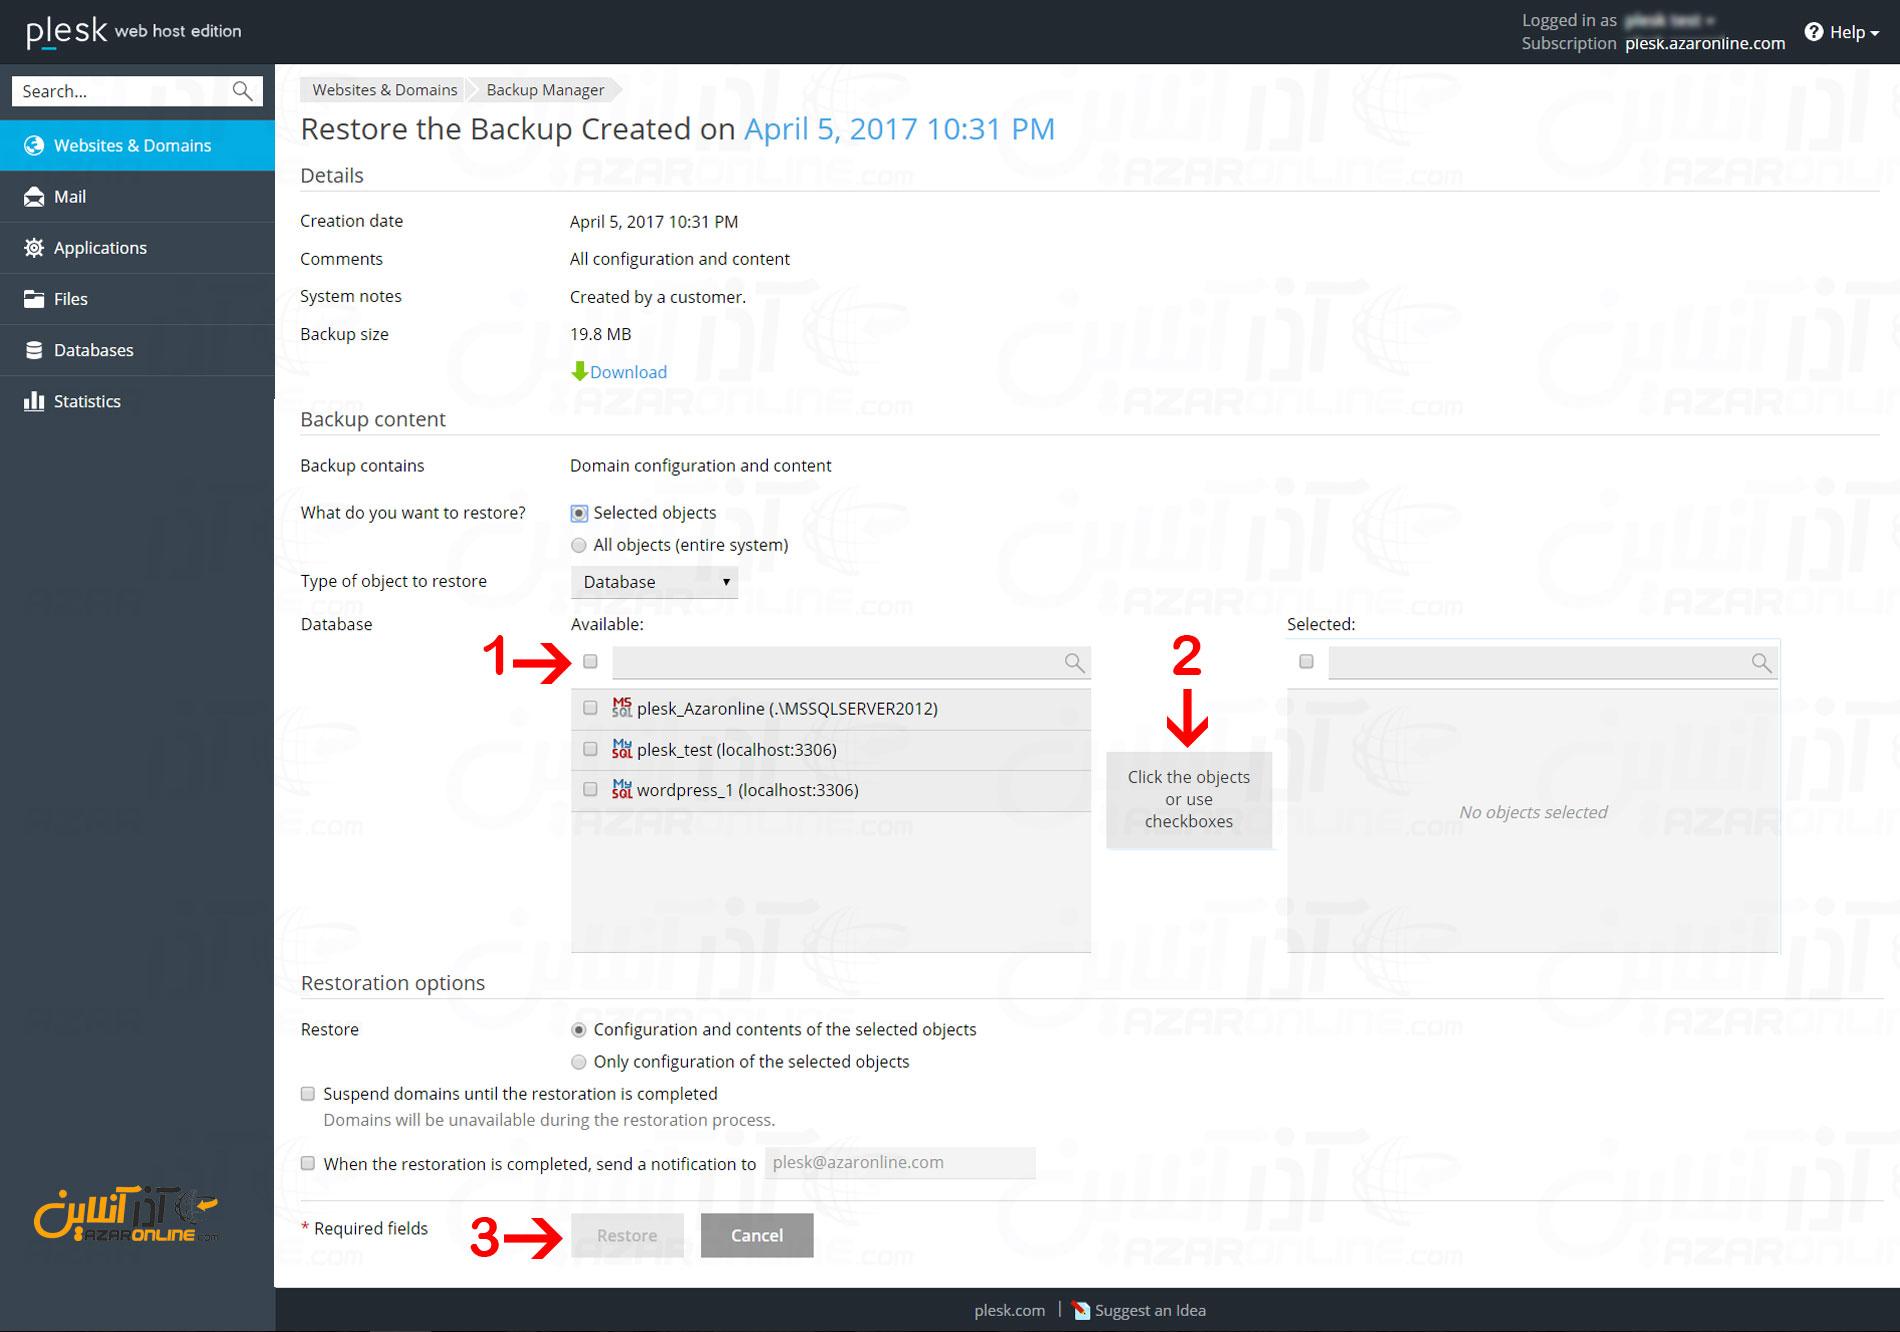 آموزش بازگردانی یا ریستور سایت در هاست پلسک - انتخاب فایلهای مورد نظر برای بازگردانی